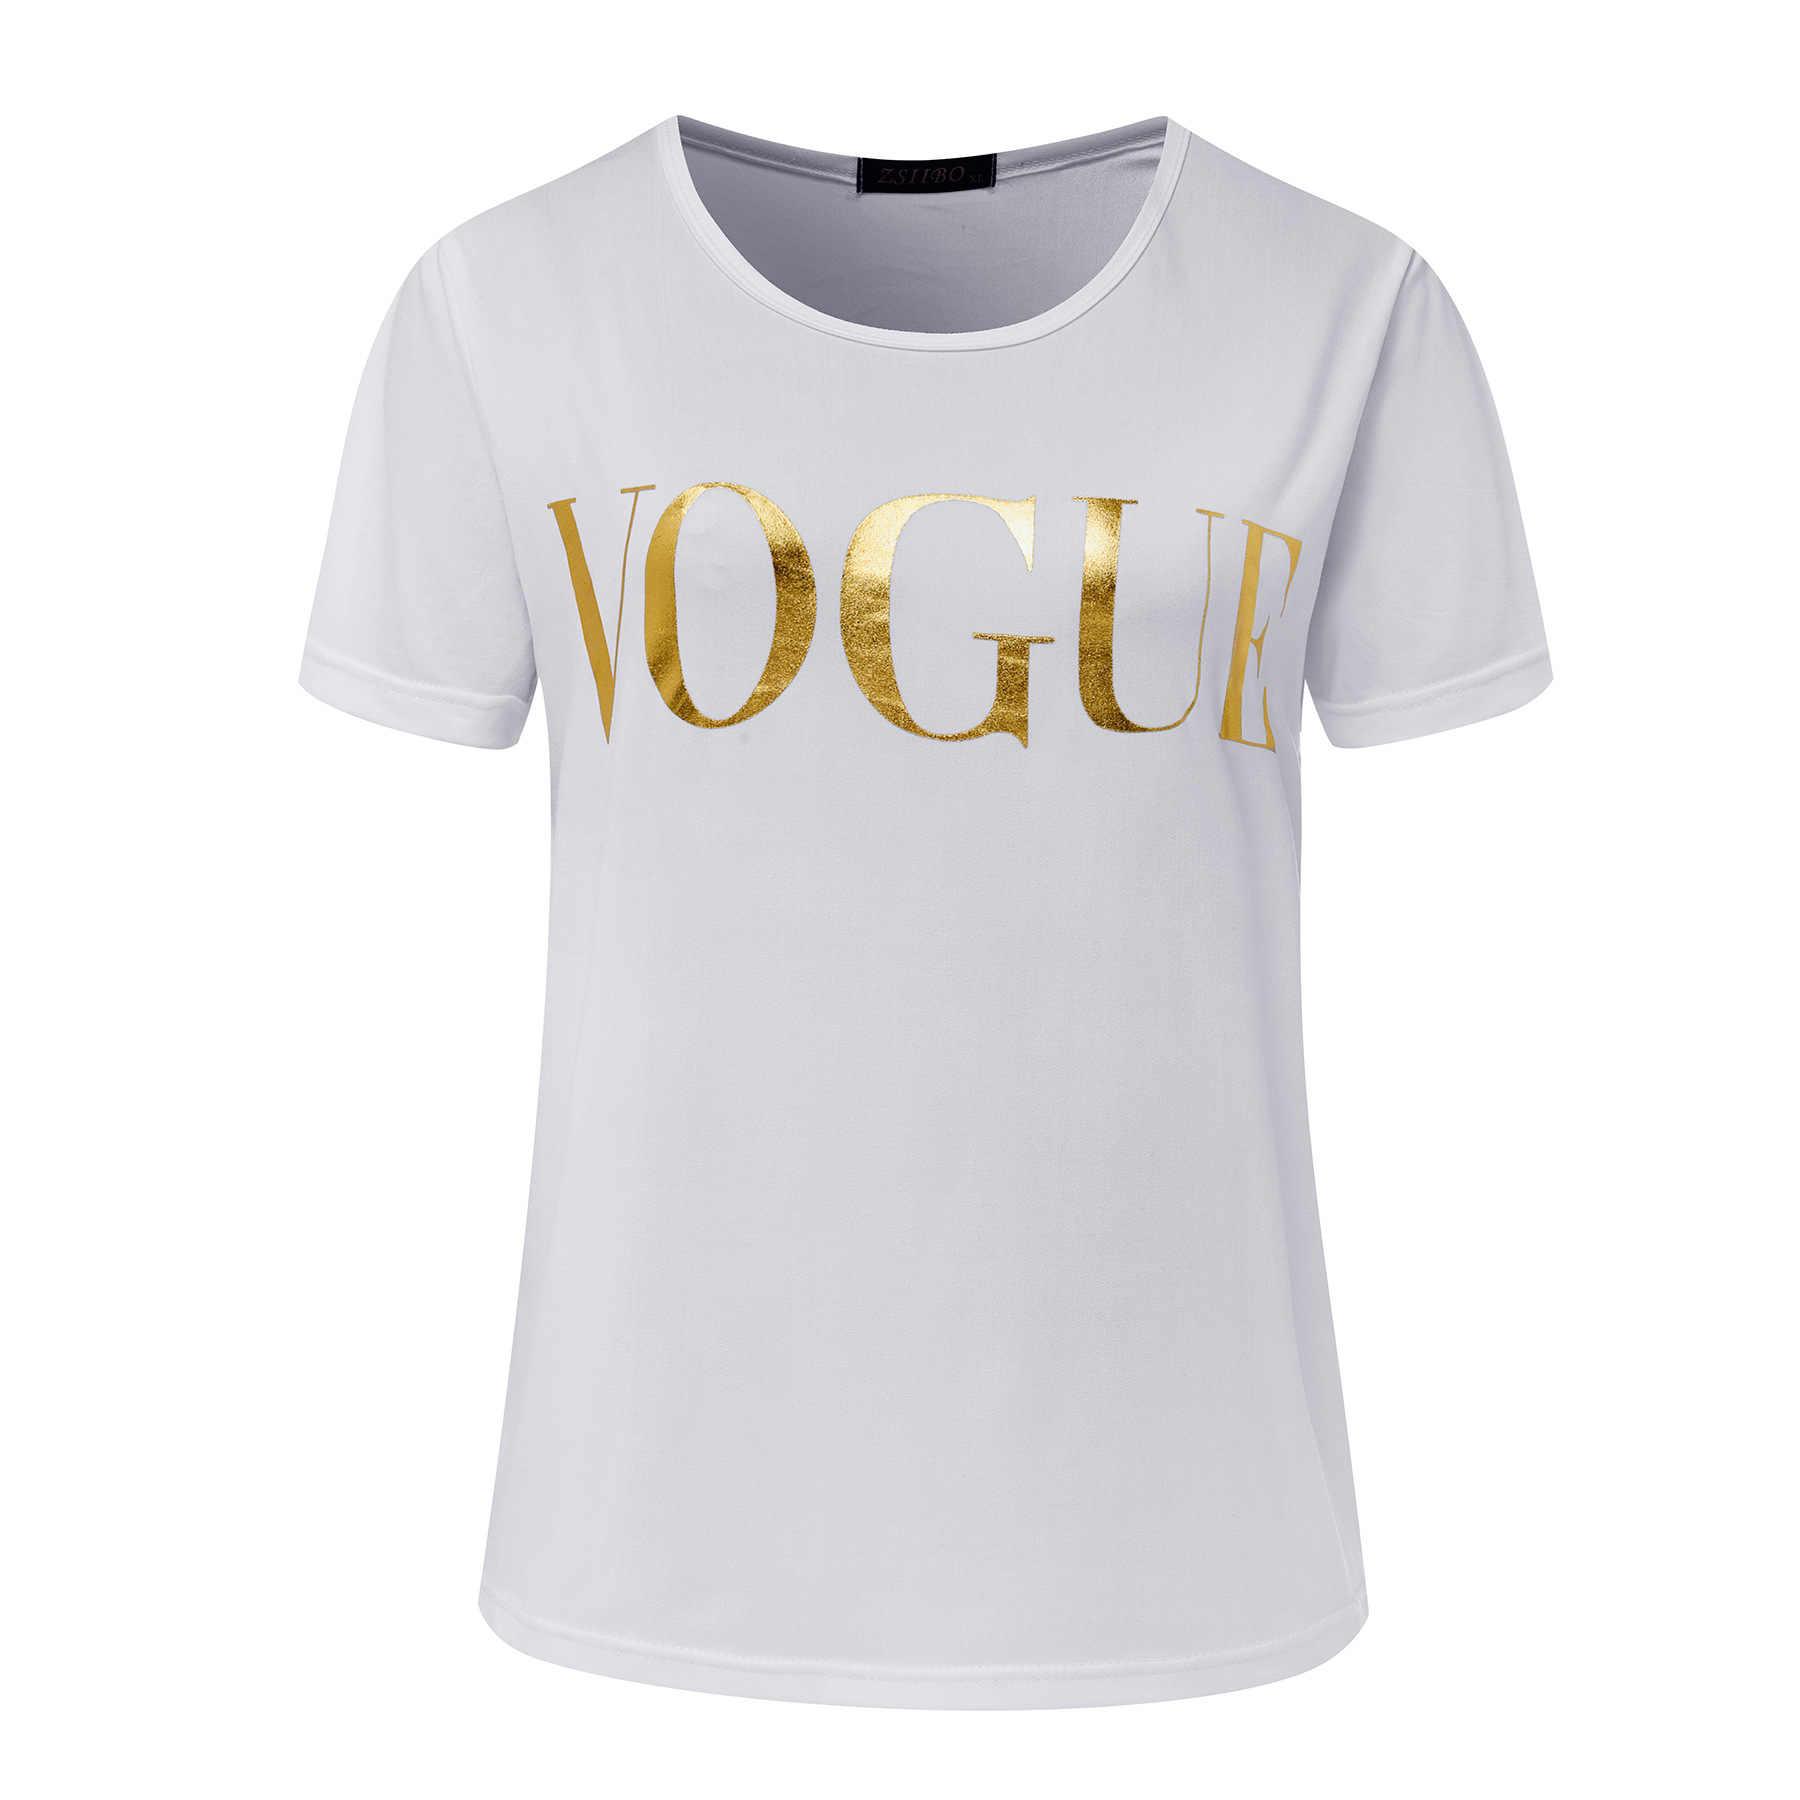 T shirt frauen t-shirt 2019 neue vintage vogue brief druck frauen kurzarm sommer stil T-shirt weibliche vestidos ropa mujer t012